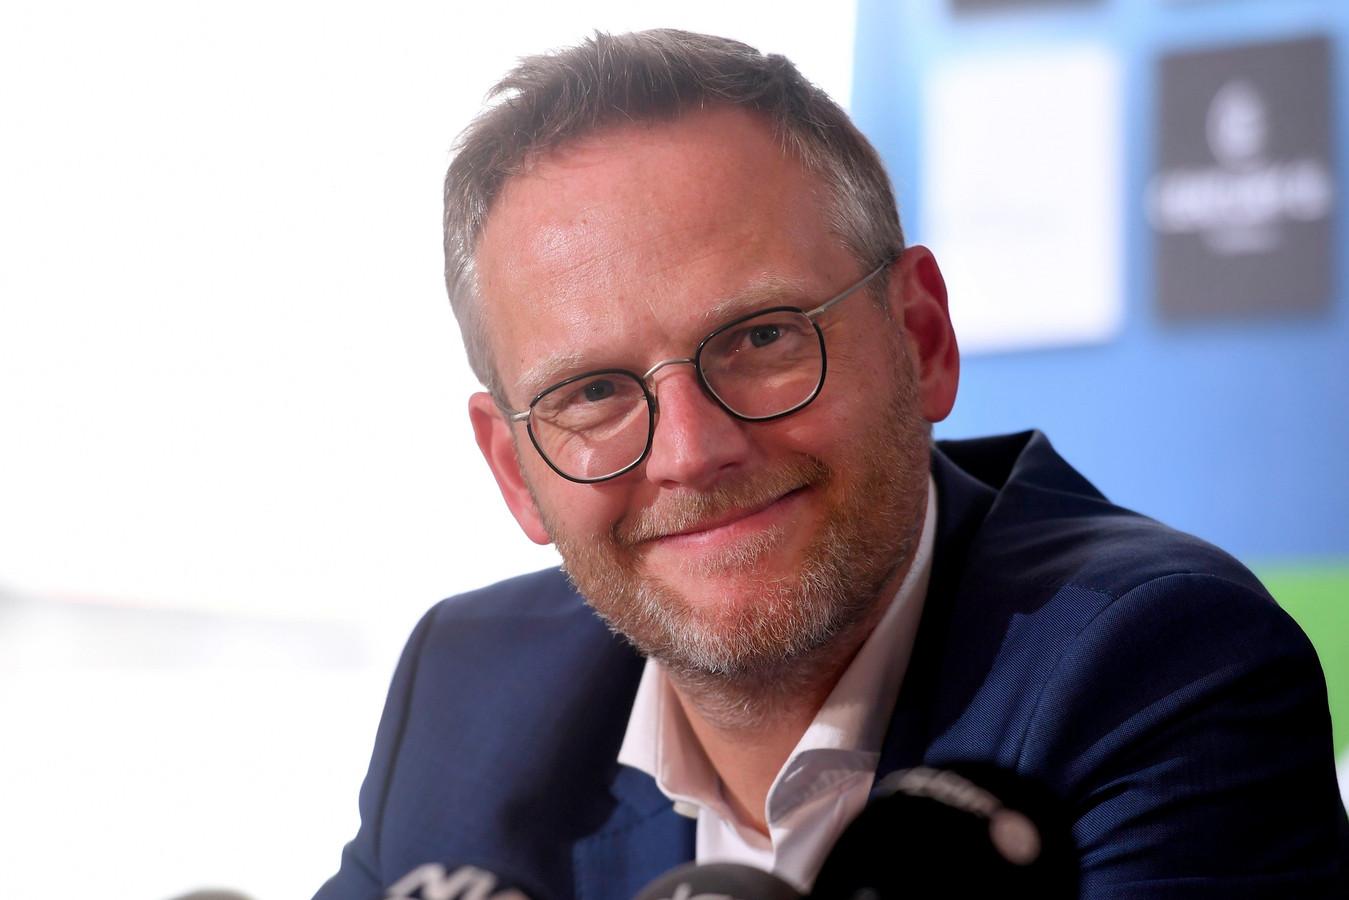 Peter Croonen lors d'une conférence de presse, le 22 mai 2019.